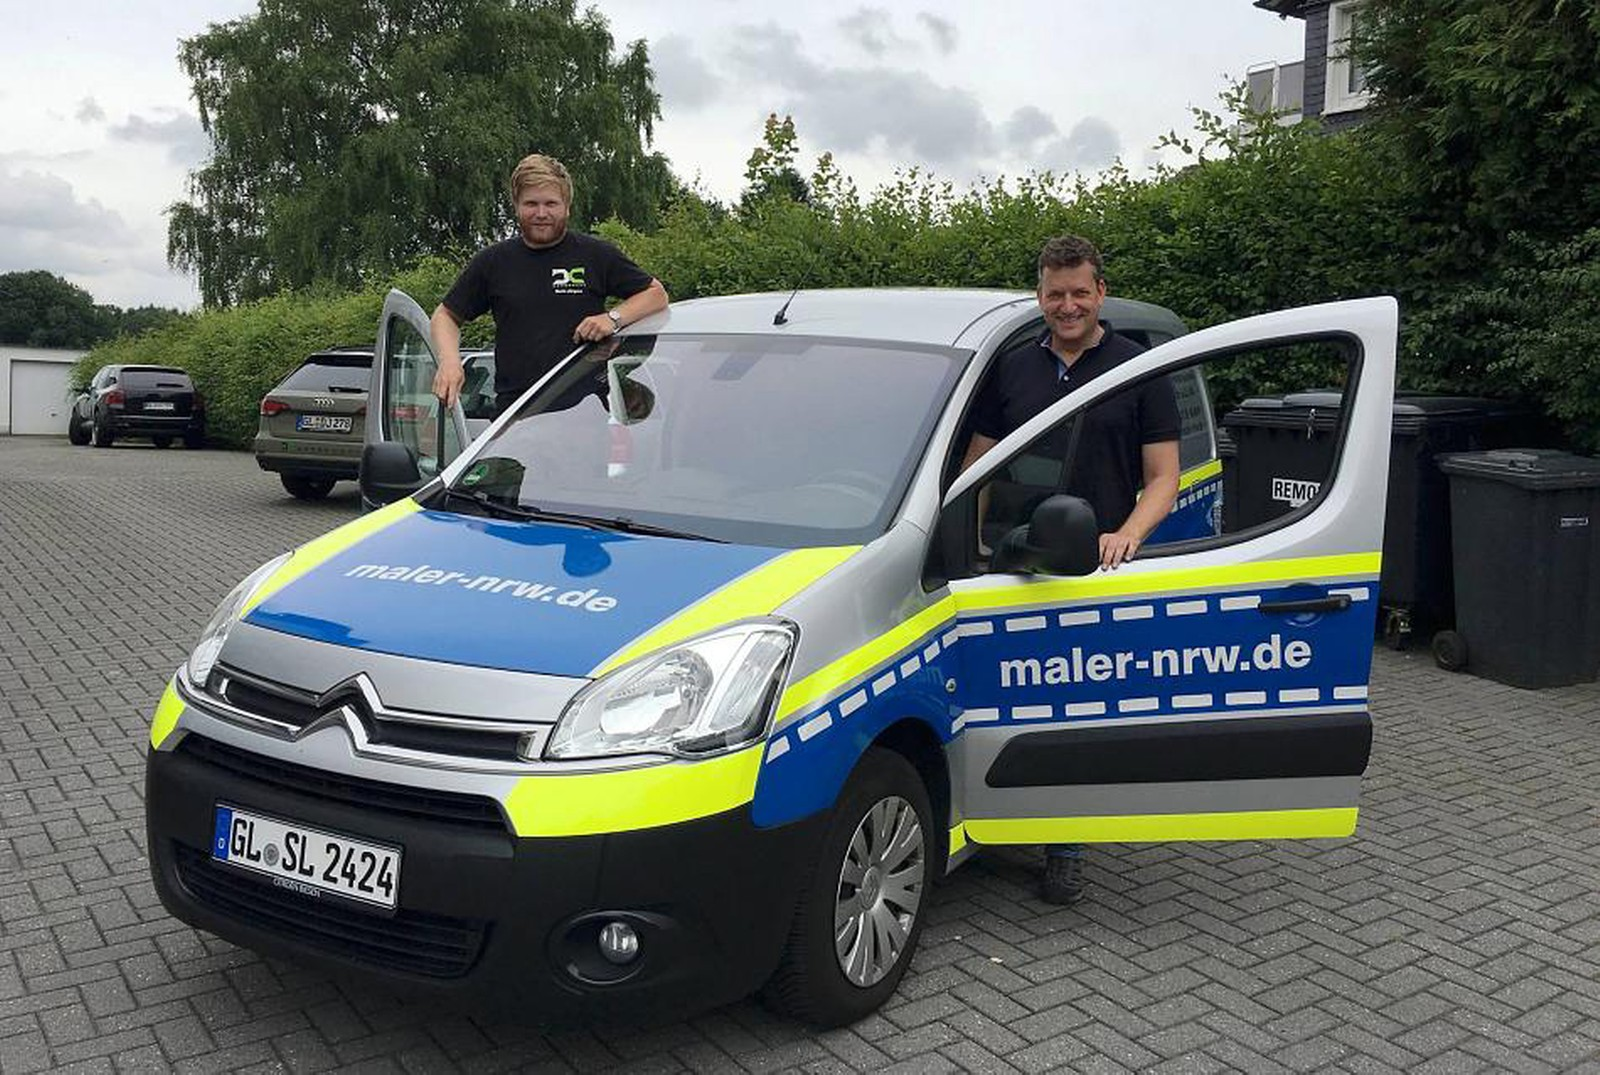 Mit dabei der Werbetechniker Danis Jörgens, der das Fahrzeug beklebt hat.